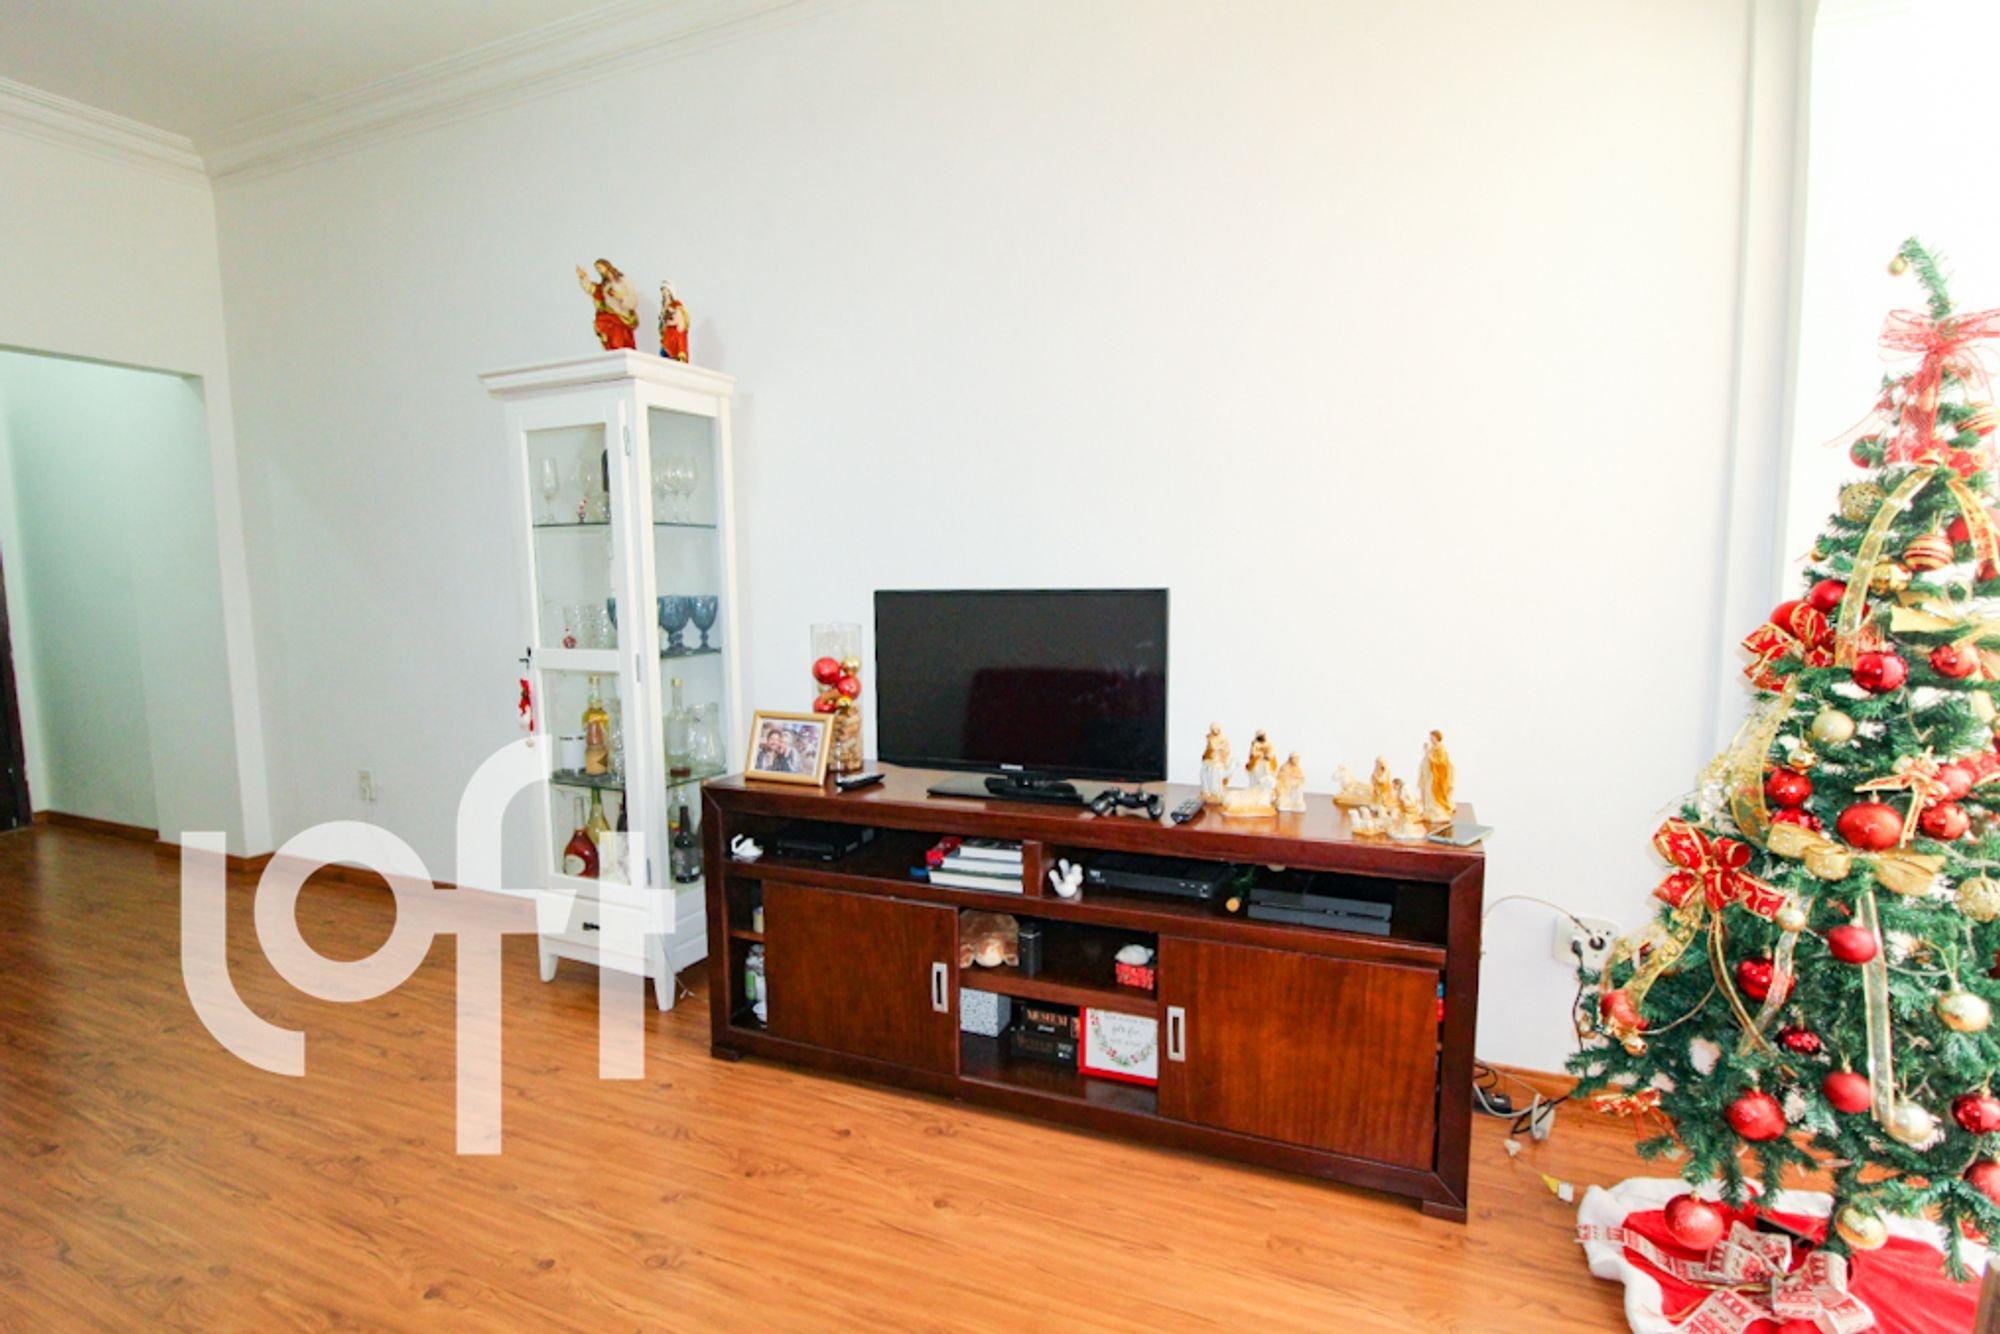 Foto de Sala com copo de vinho, televisão